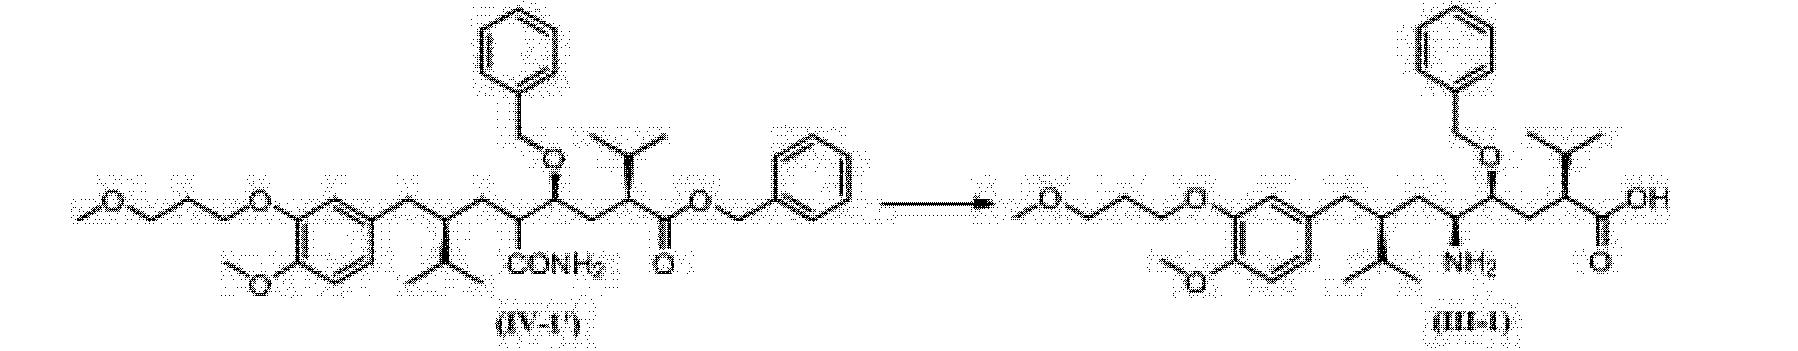 Figure CN103130677BD00102